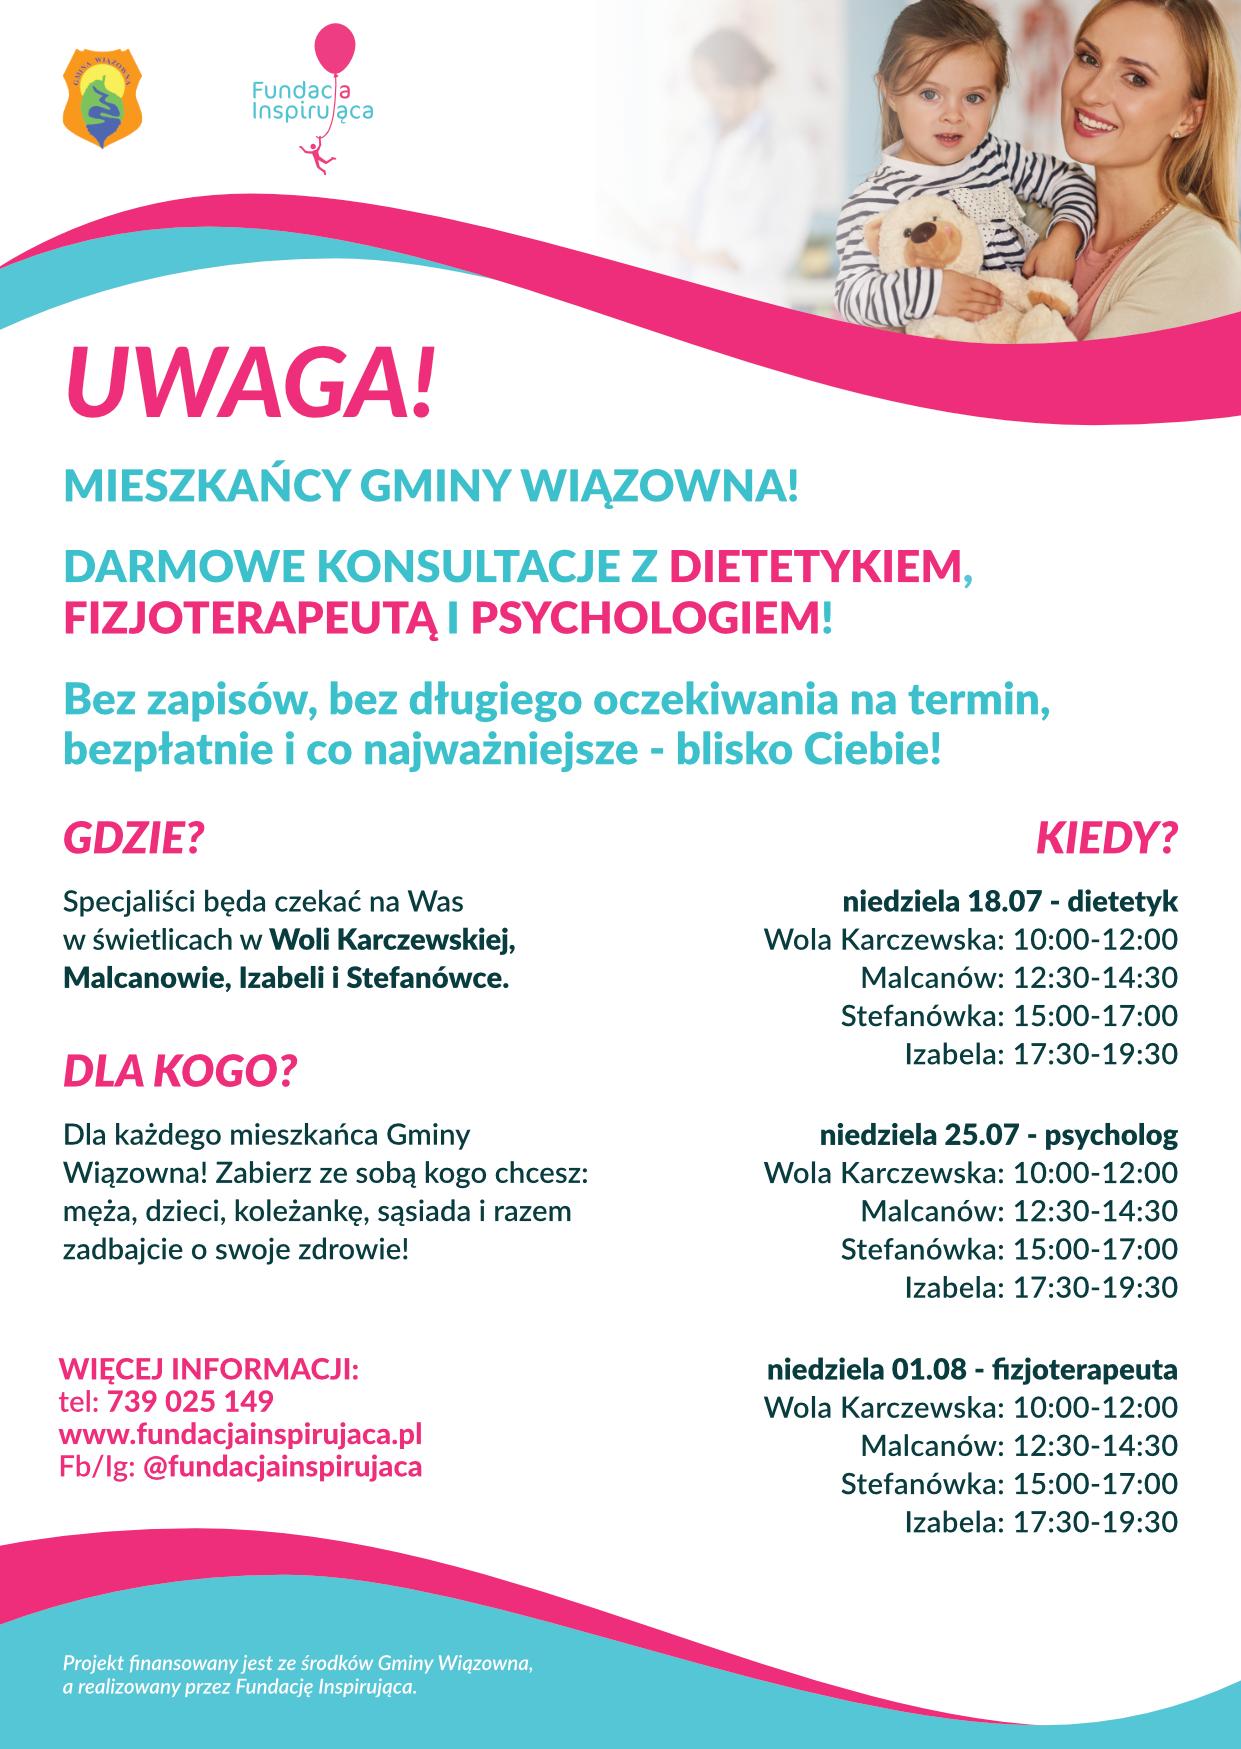 Plakat informujący o darmowych konsultacjach z dietetykiem, fizjoterapeutą i psychologiem